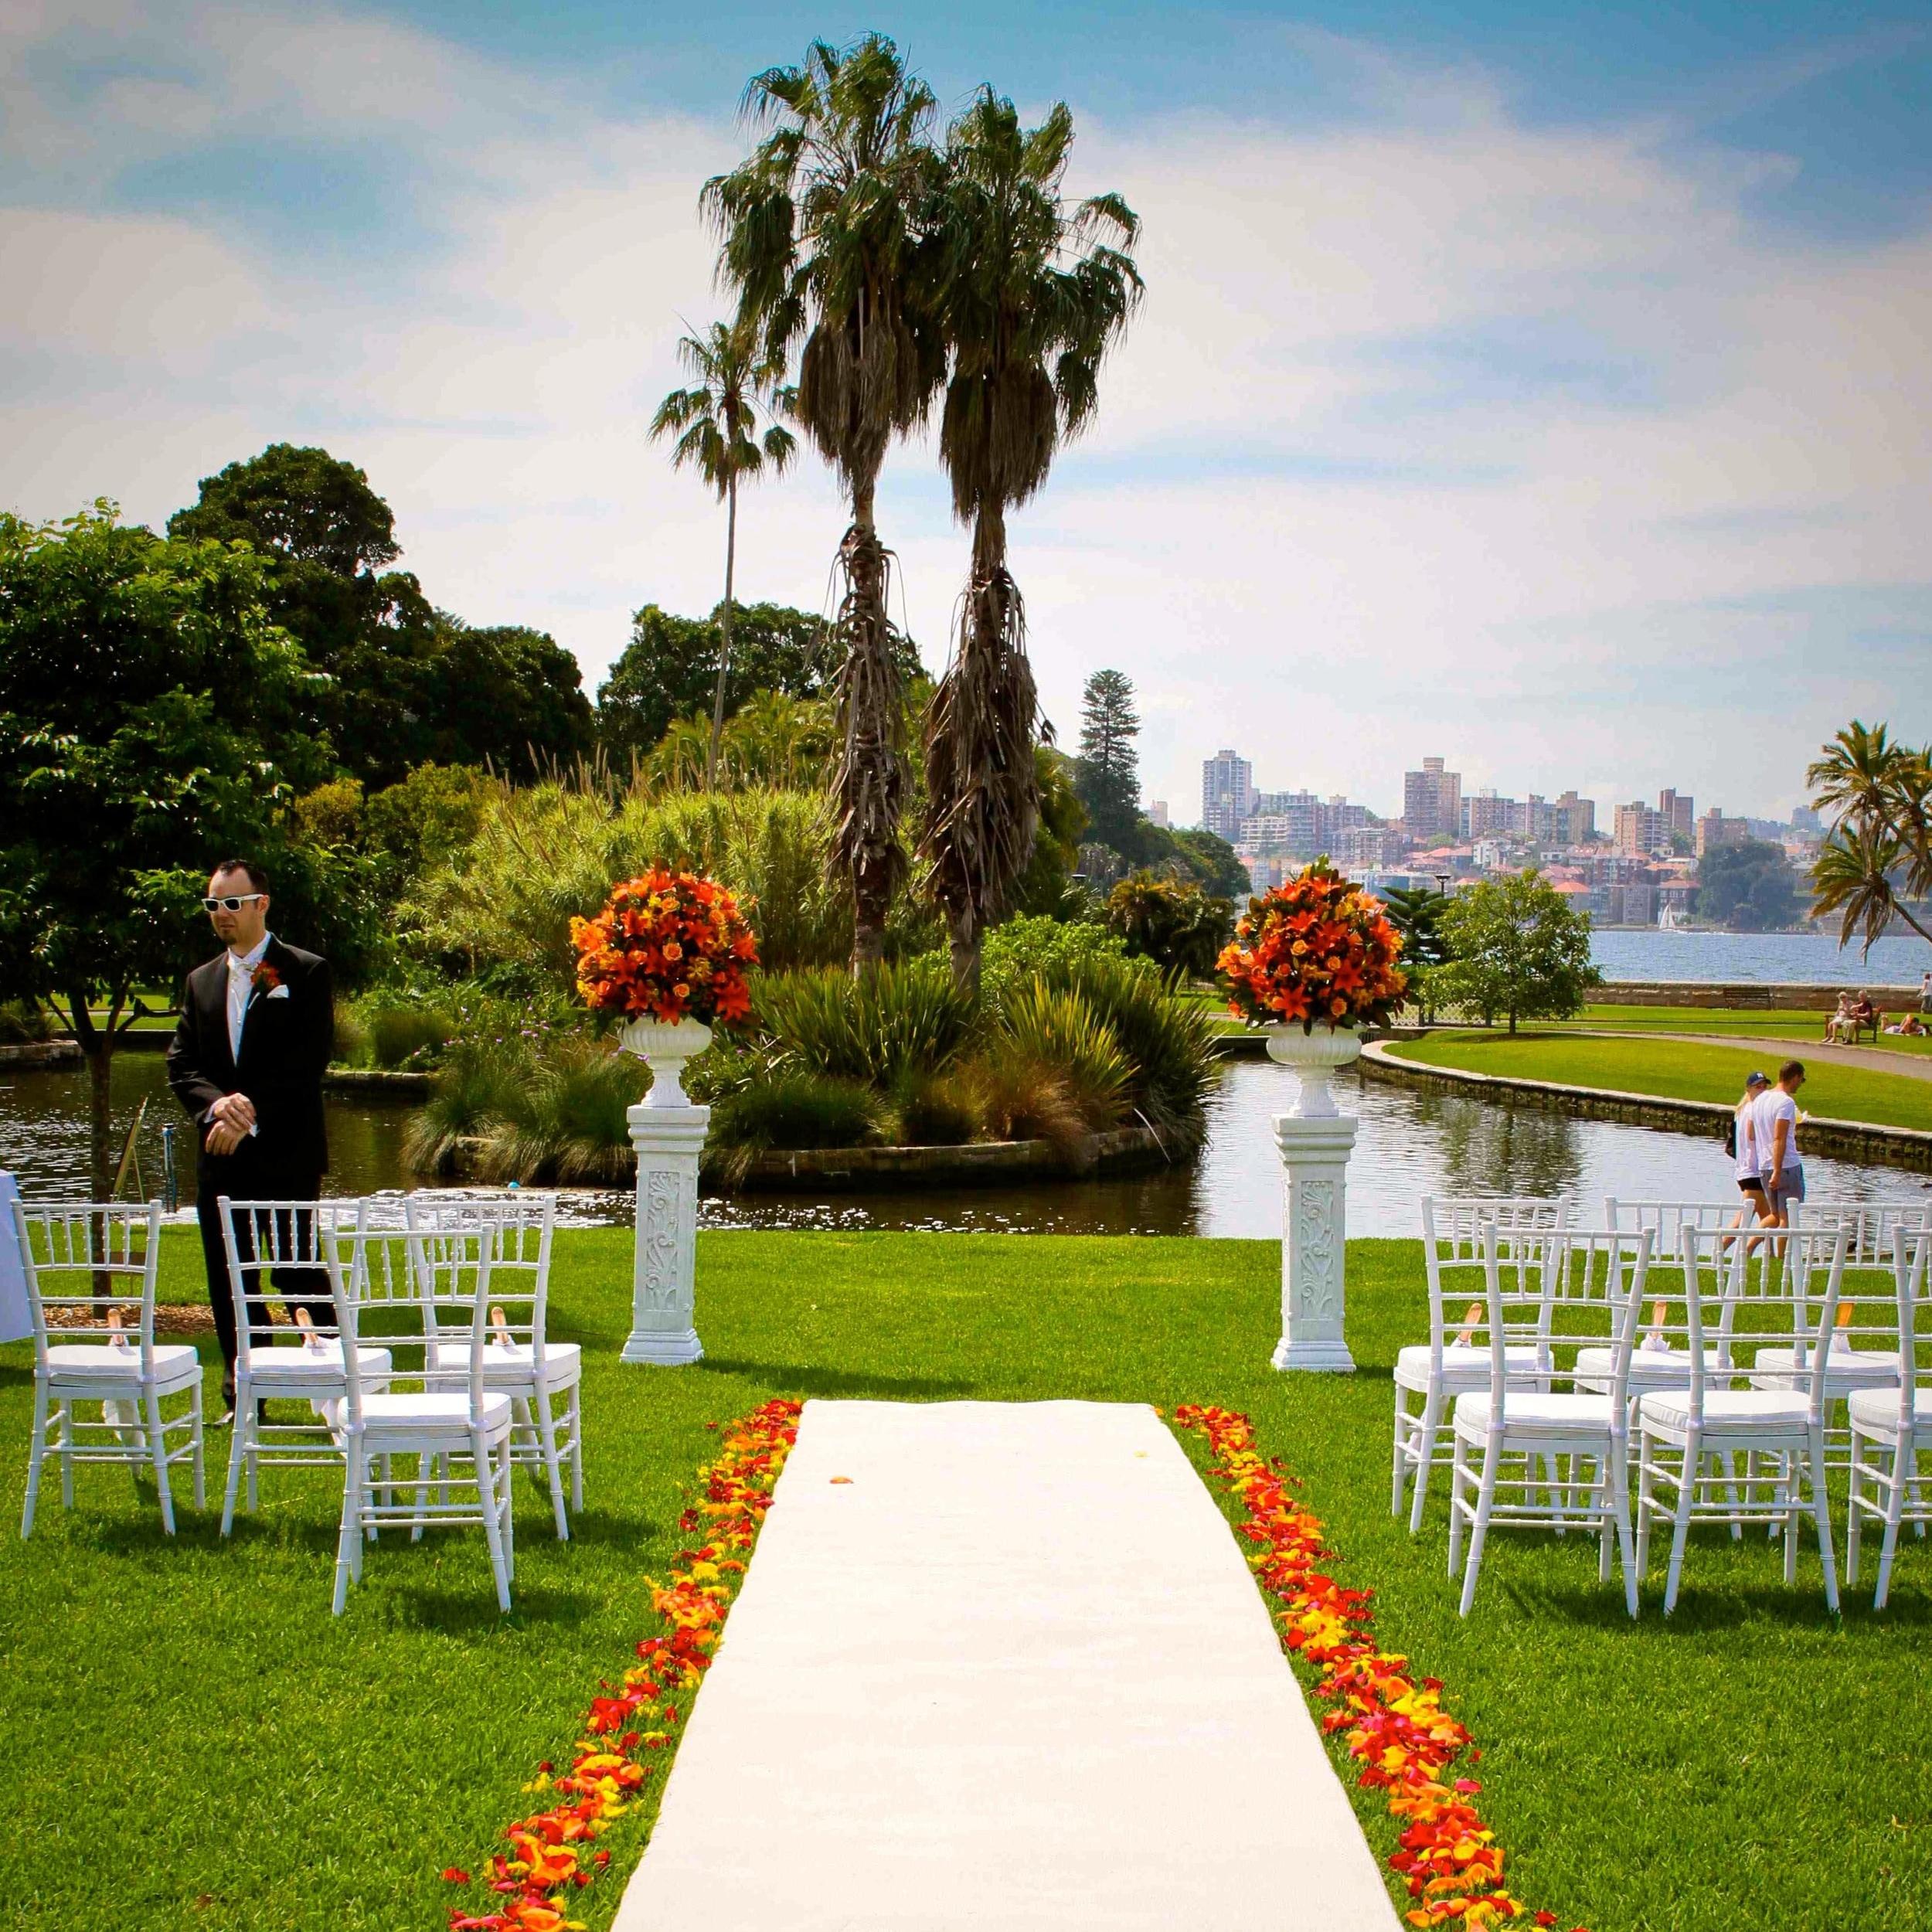 white_aisle_runner_sydney_royal_botanical_gardens_weddings.jpg